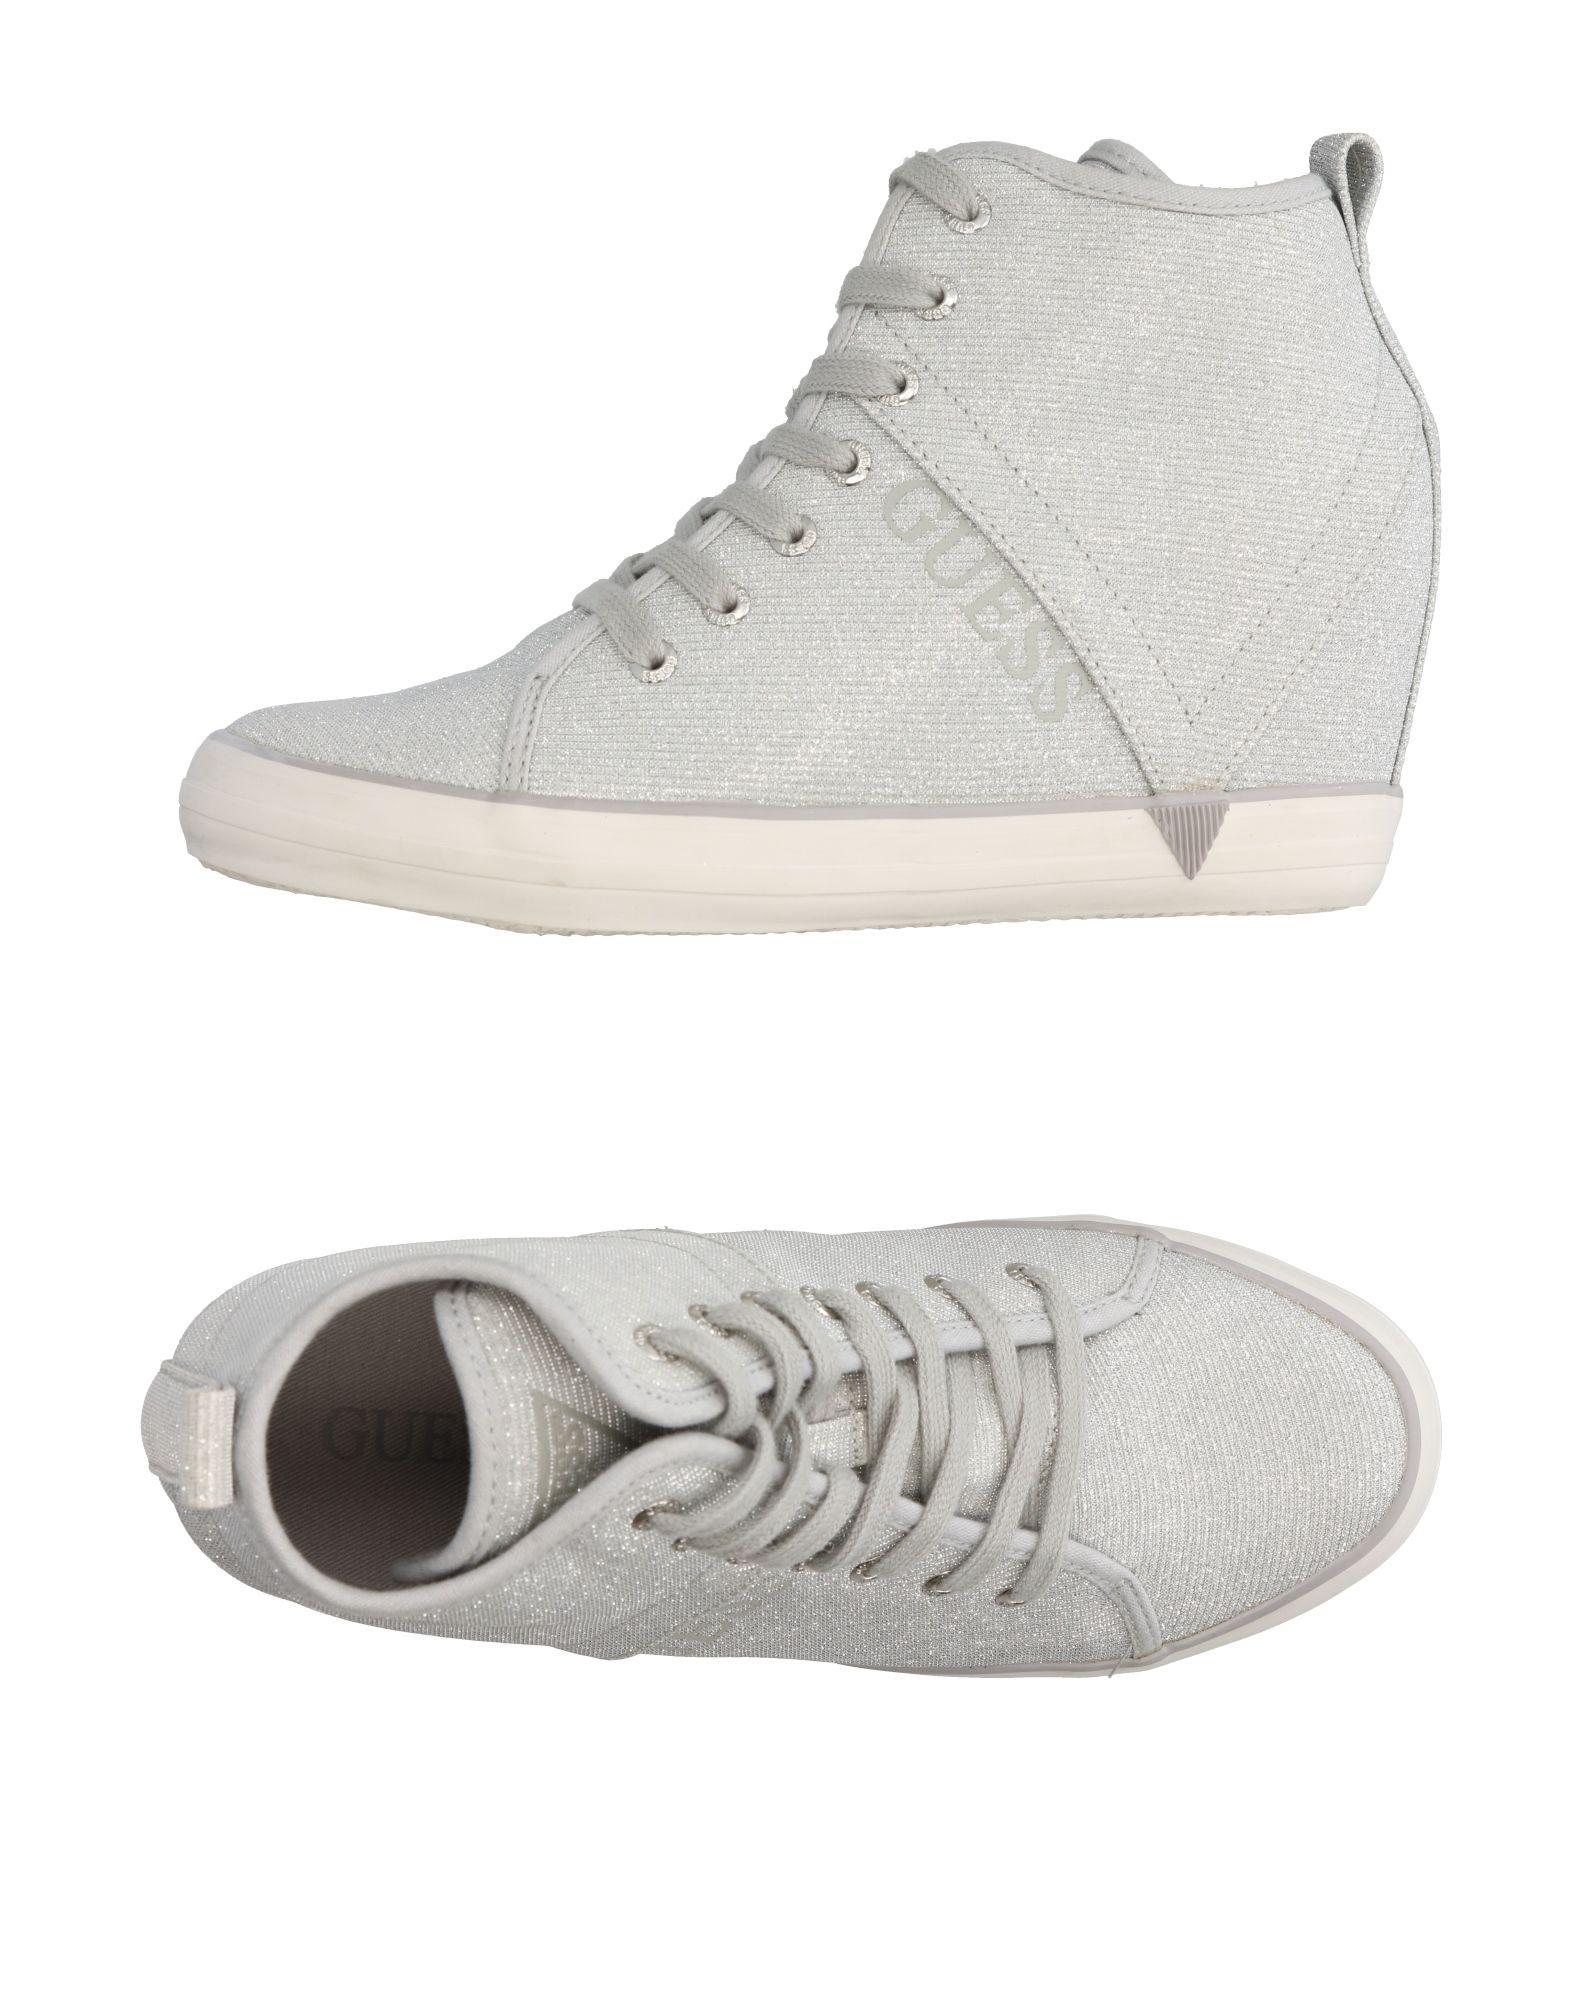 Guess Sneakers Damen  11298074LL Gute Qualität beliebte Schuhe Schuhe Schuhe f12b9a